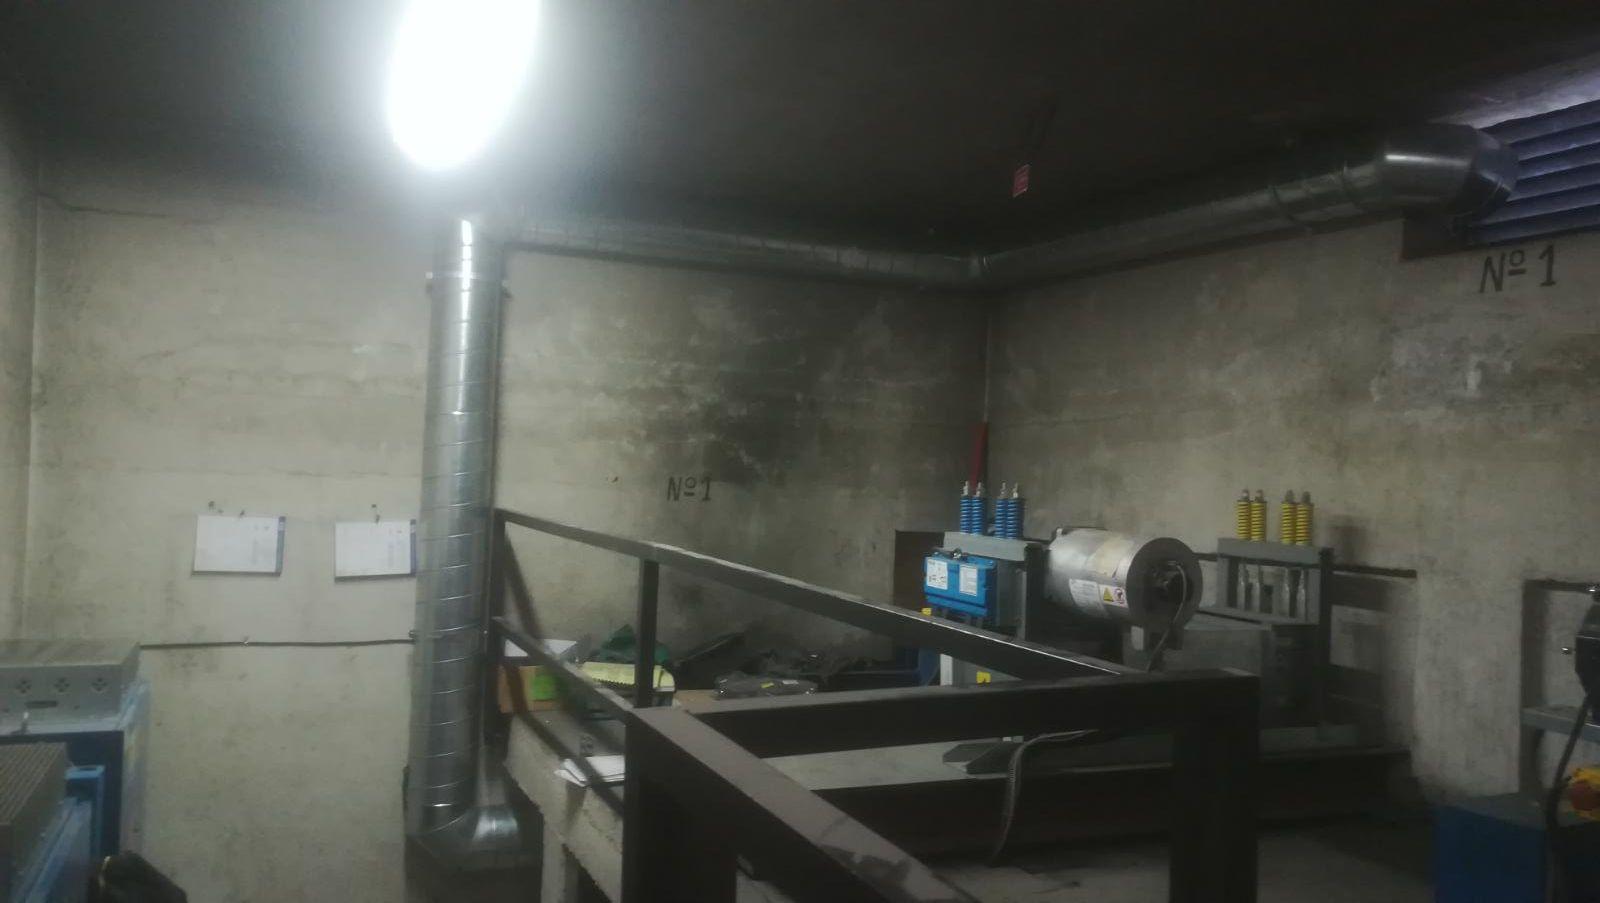 Ruidos sistemas de extracci n de humos extractor y for Ruido extractor cocina